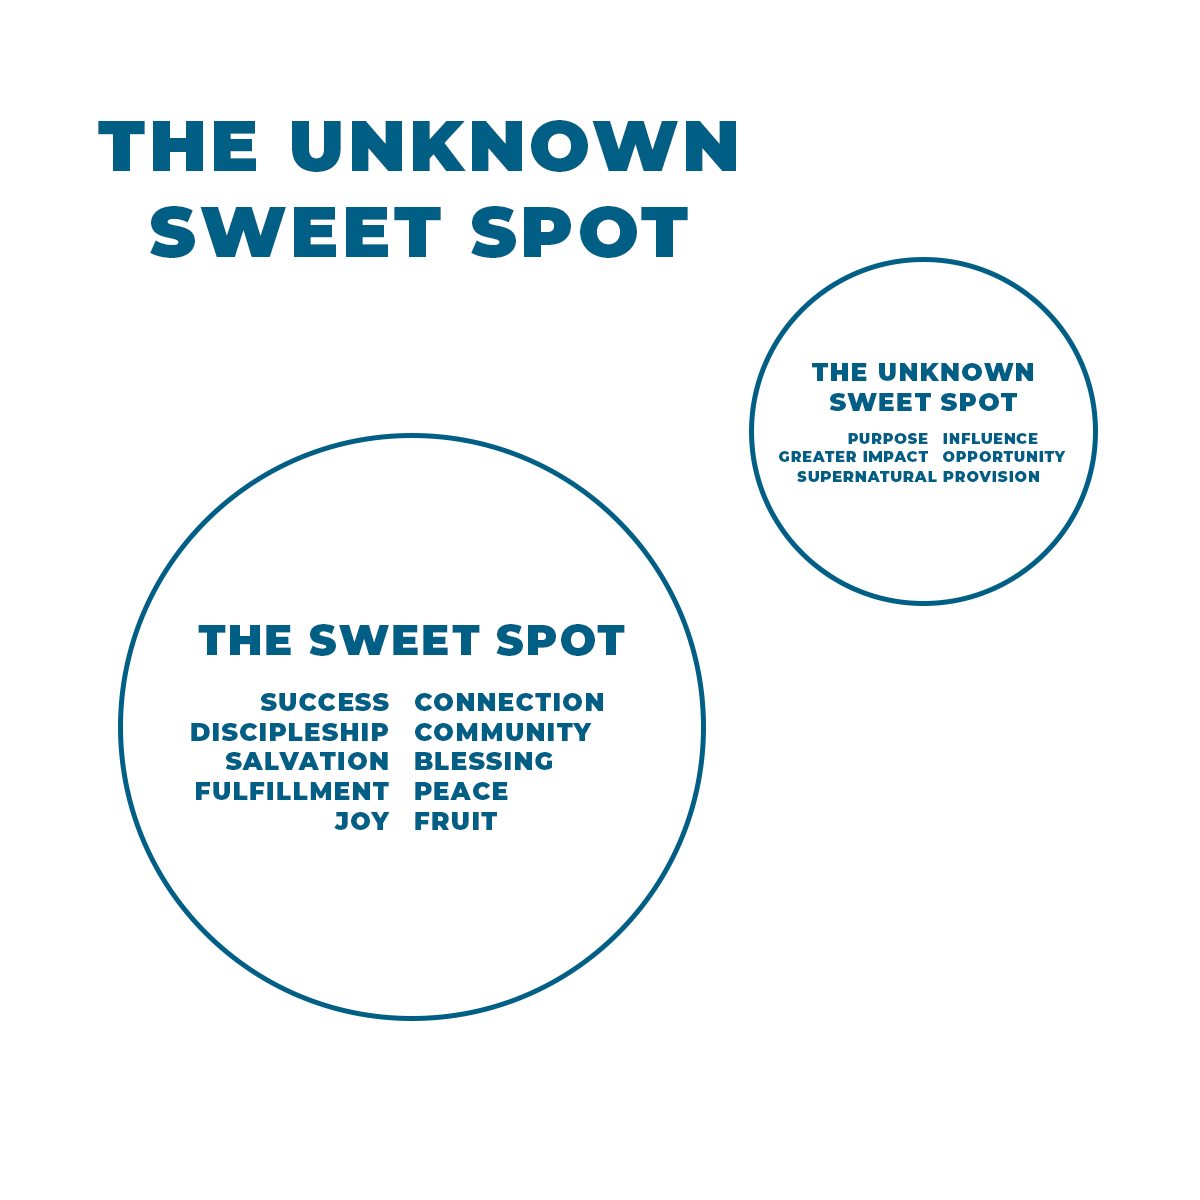 unknown sweet spot